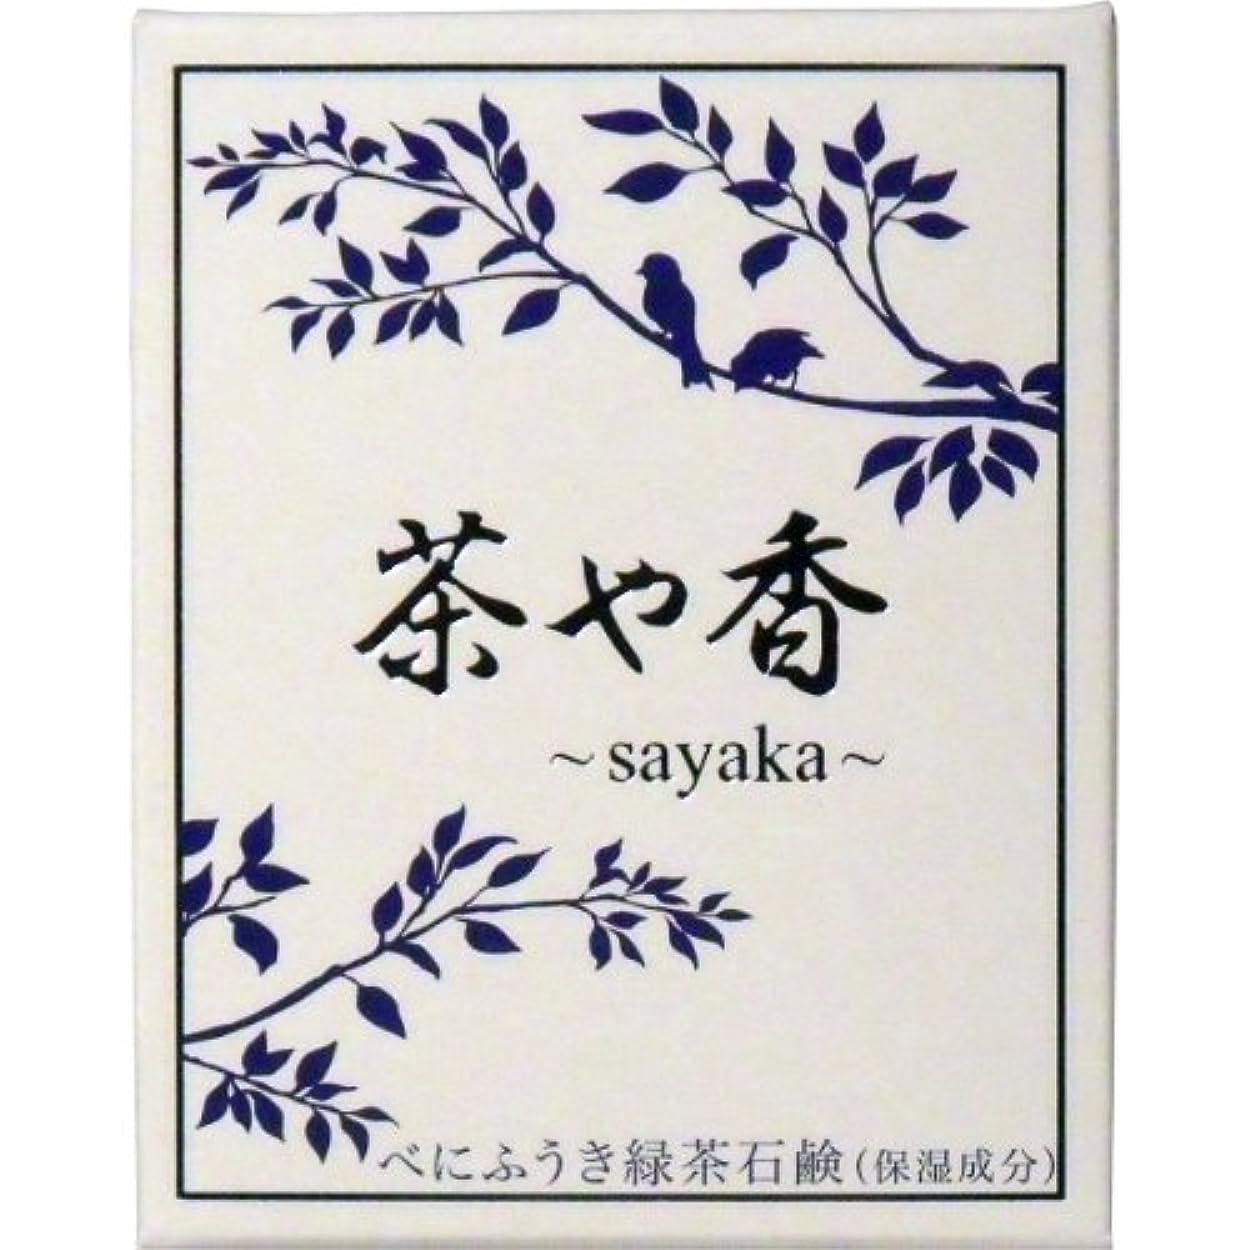 シュート北へ埋める茶や香 -sayaka- べにふうき緑茶石鹸 100g入